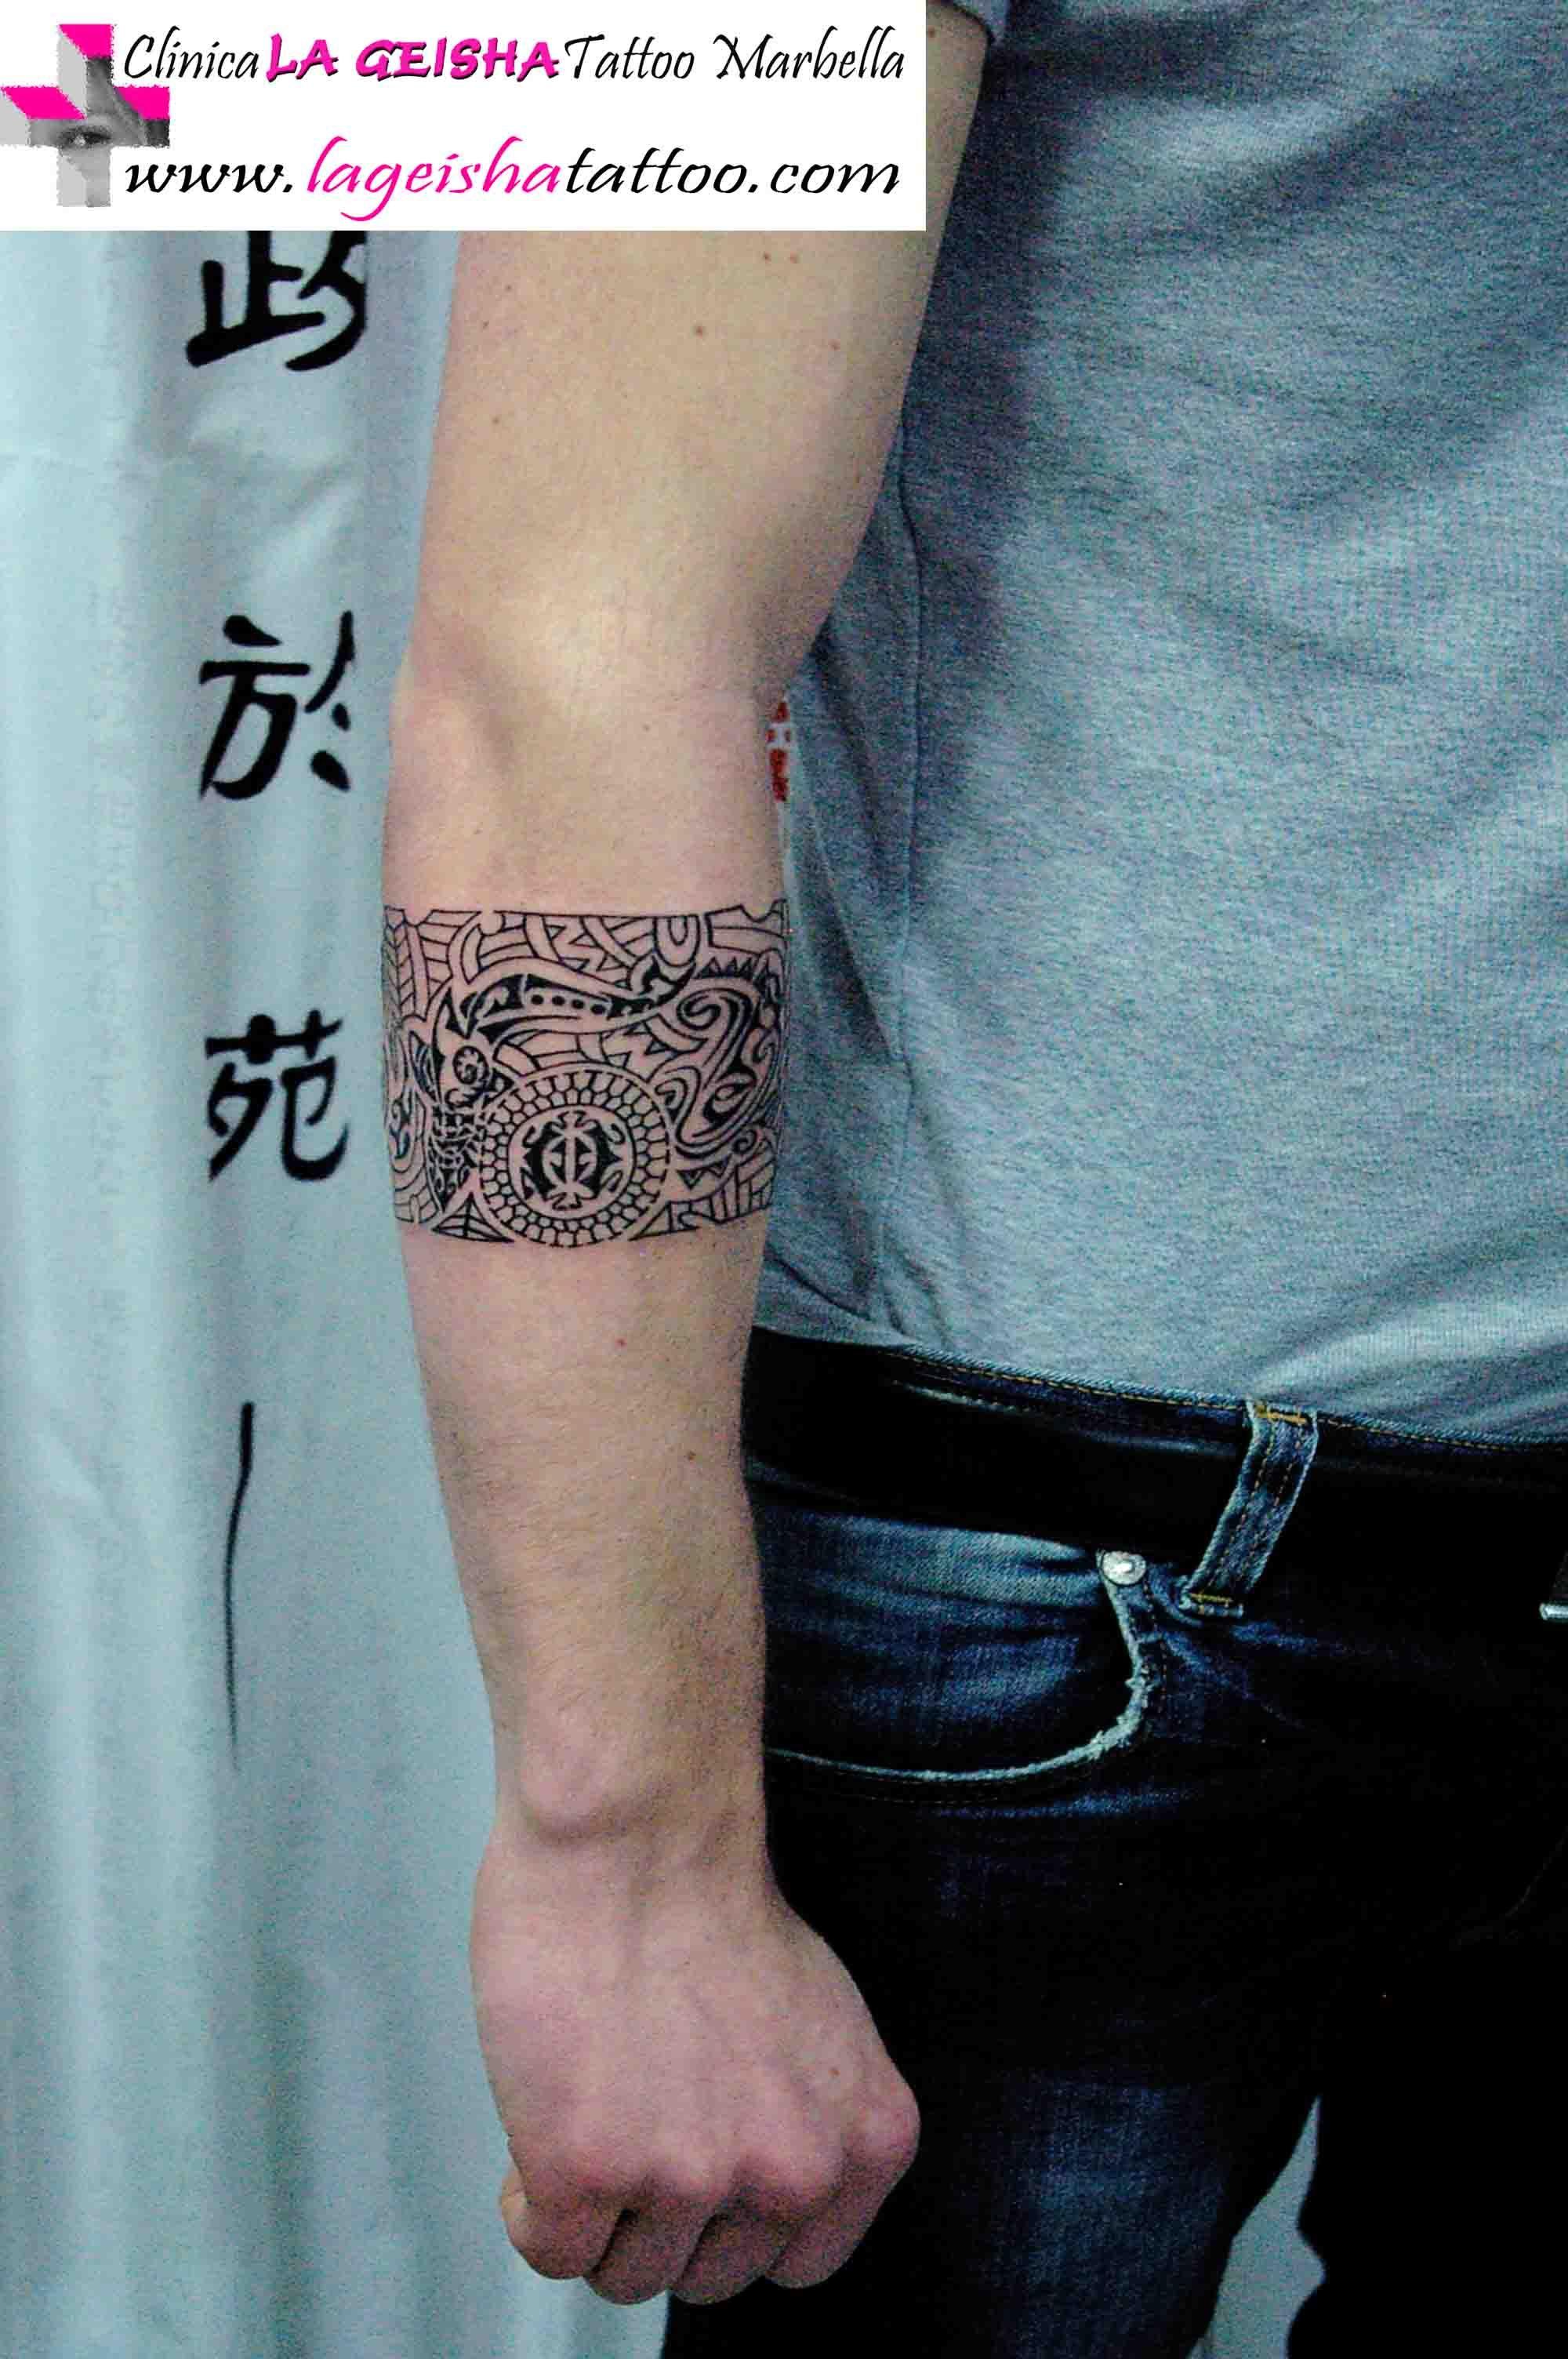 Elegante Y Exquisito Tatuaje De Brazalete Artistico Con Trazados